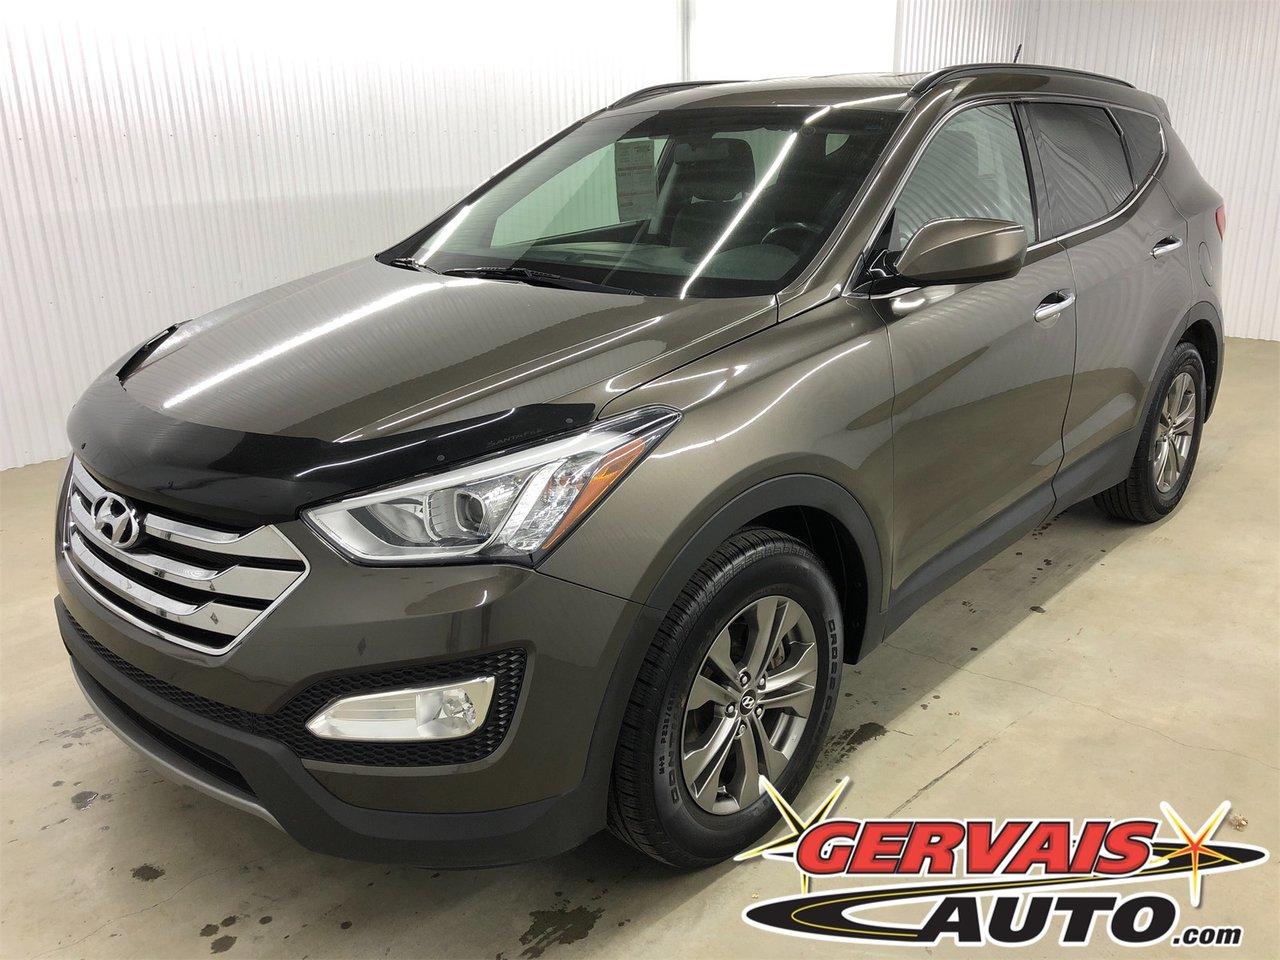 Hyundai Santa Fe Sport 2014 Premium AWD Bluetooth A/C Si?ges chauffants MAGS